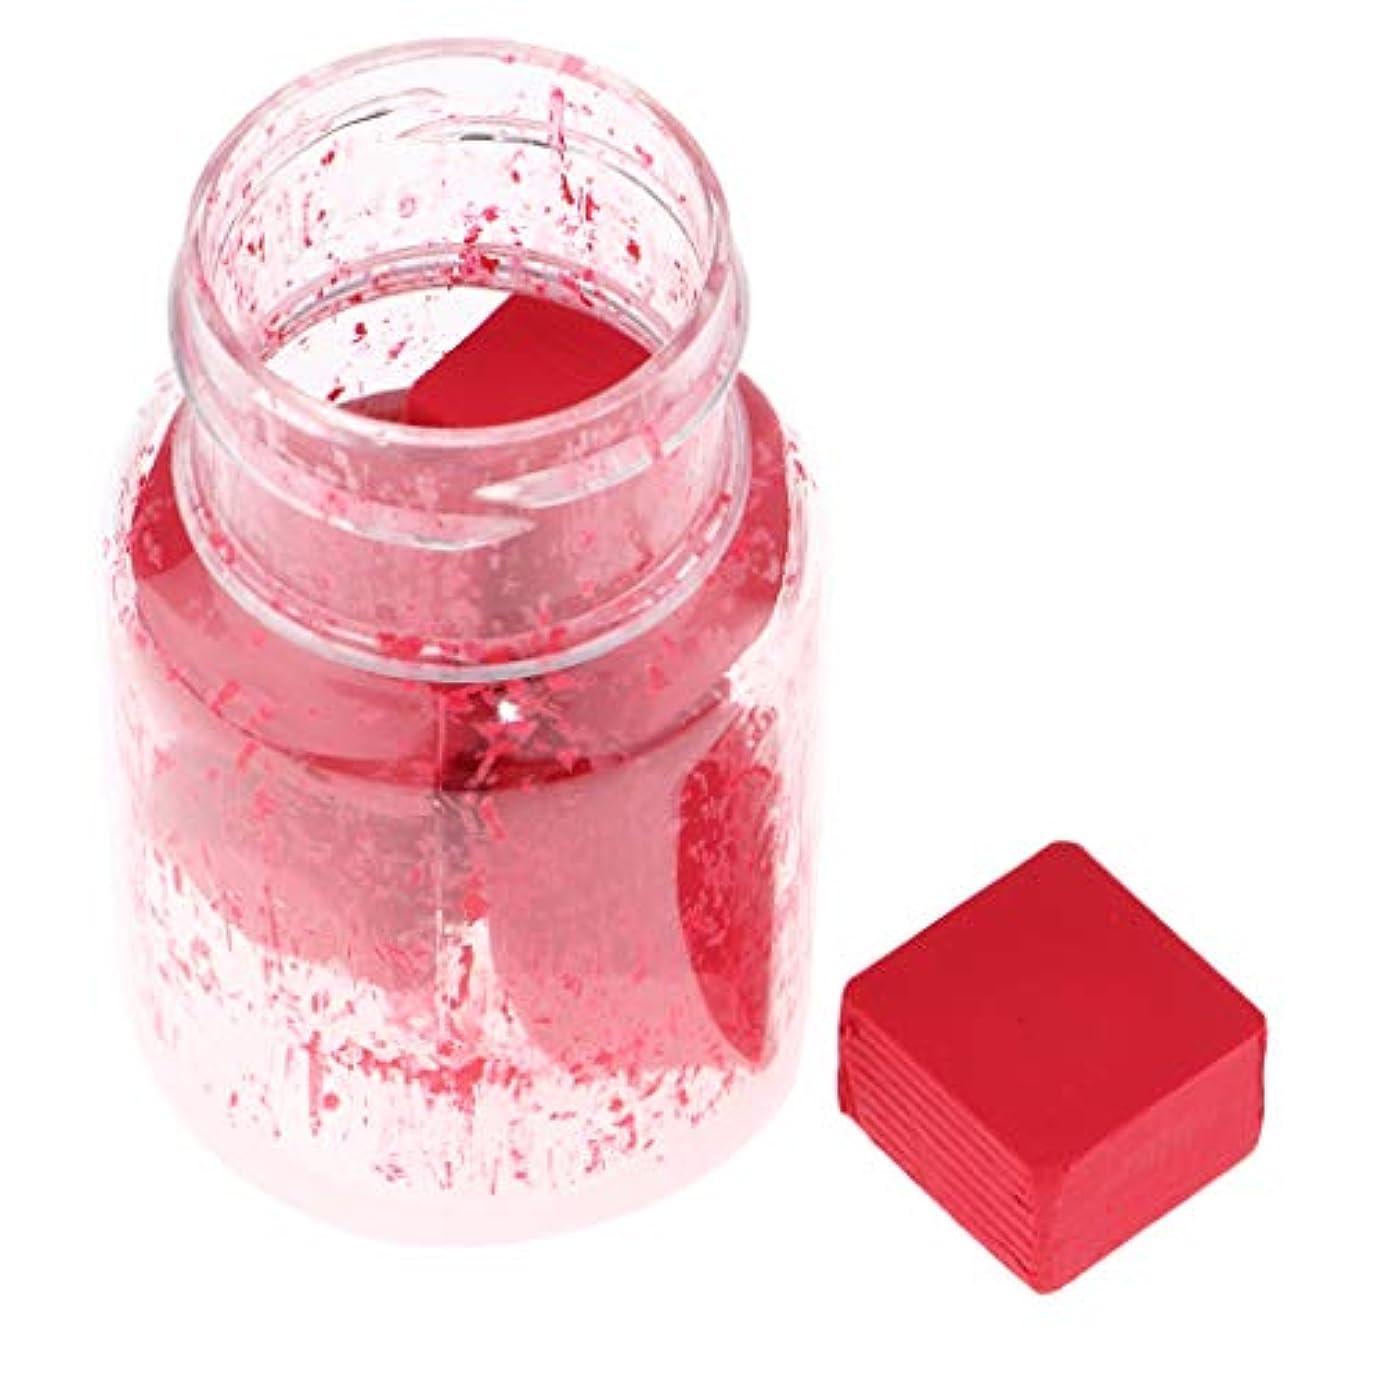 支援義務的供給CUTICATE 口紅の原料 リップスティック顔料 DIYリップライナー DIY工芸品 9色選択でき - B